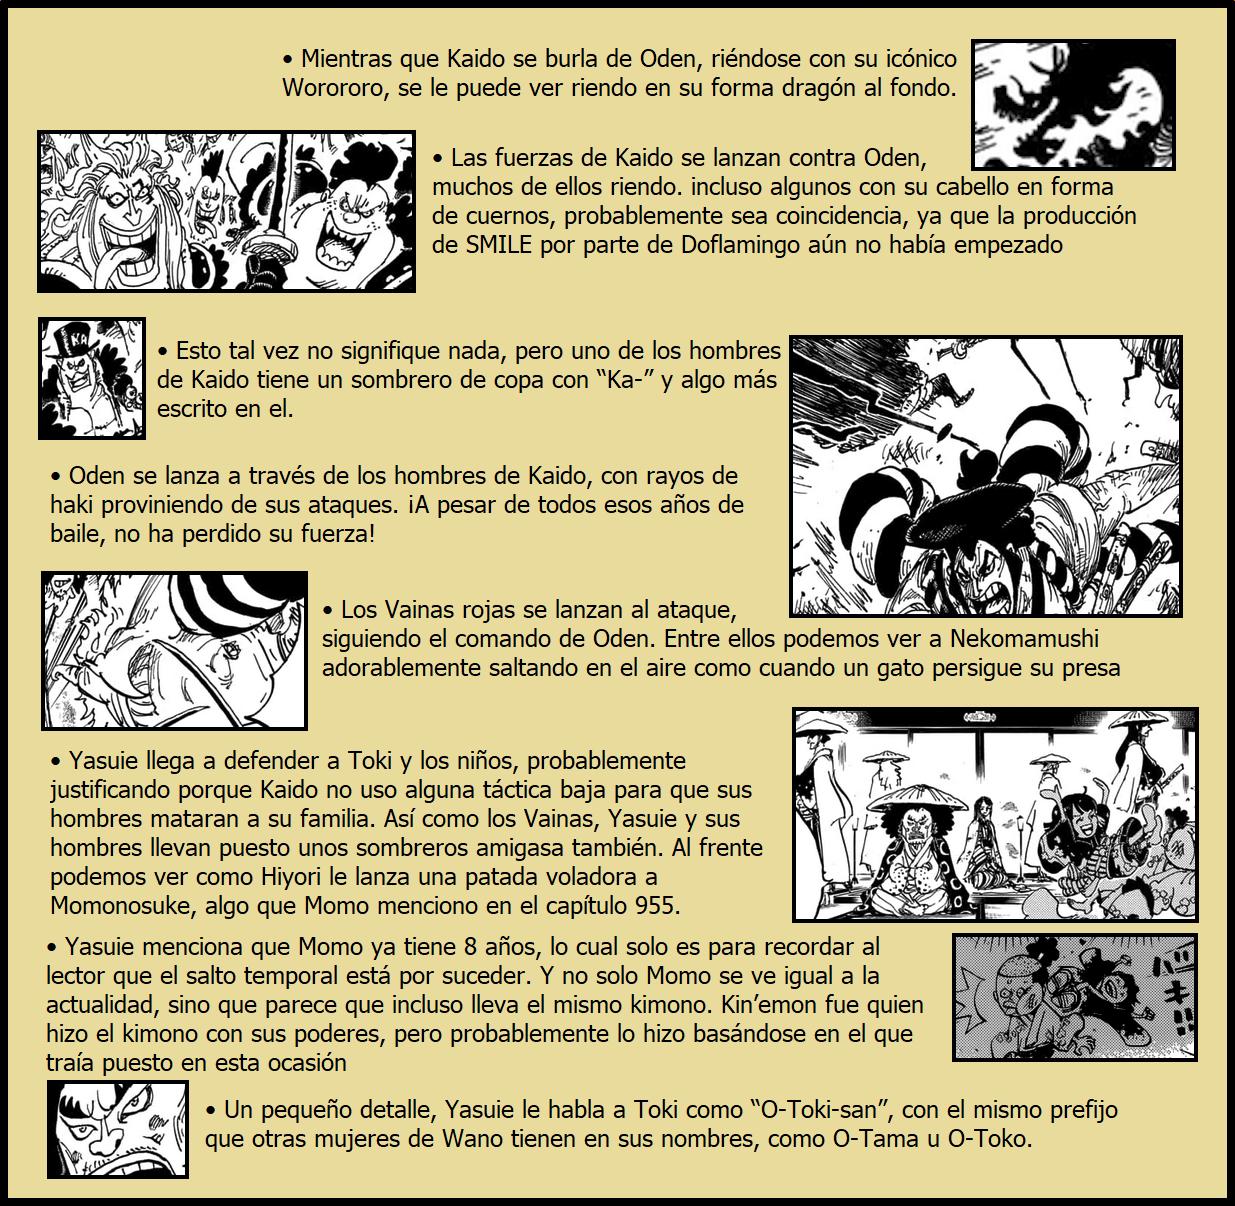 Secretos & Curiosidades - One Piece Manga 970 03